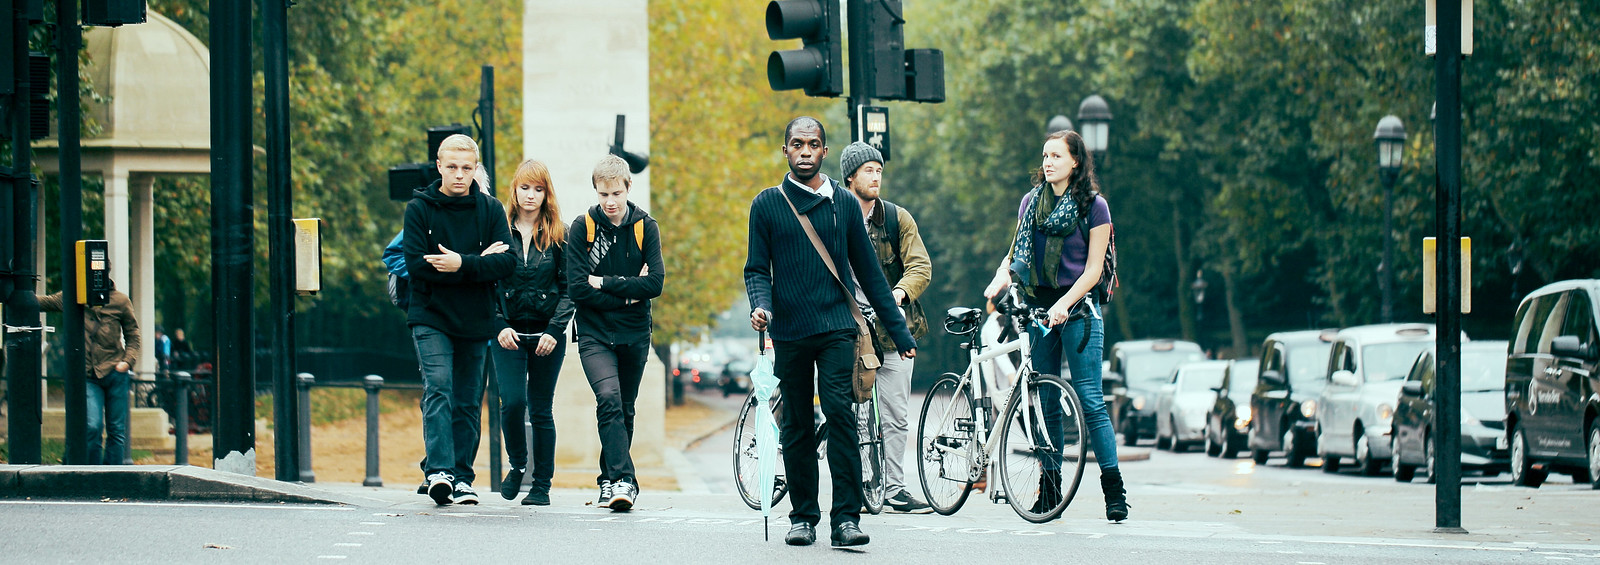 倫敦街頭. 陰天